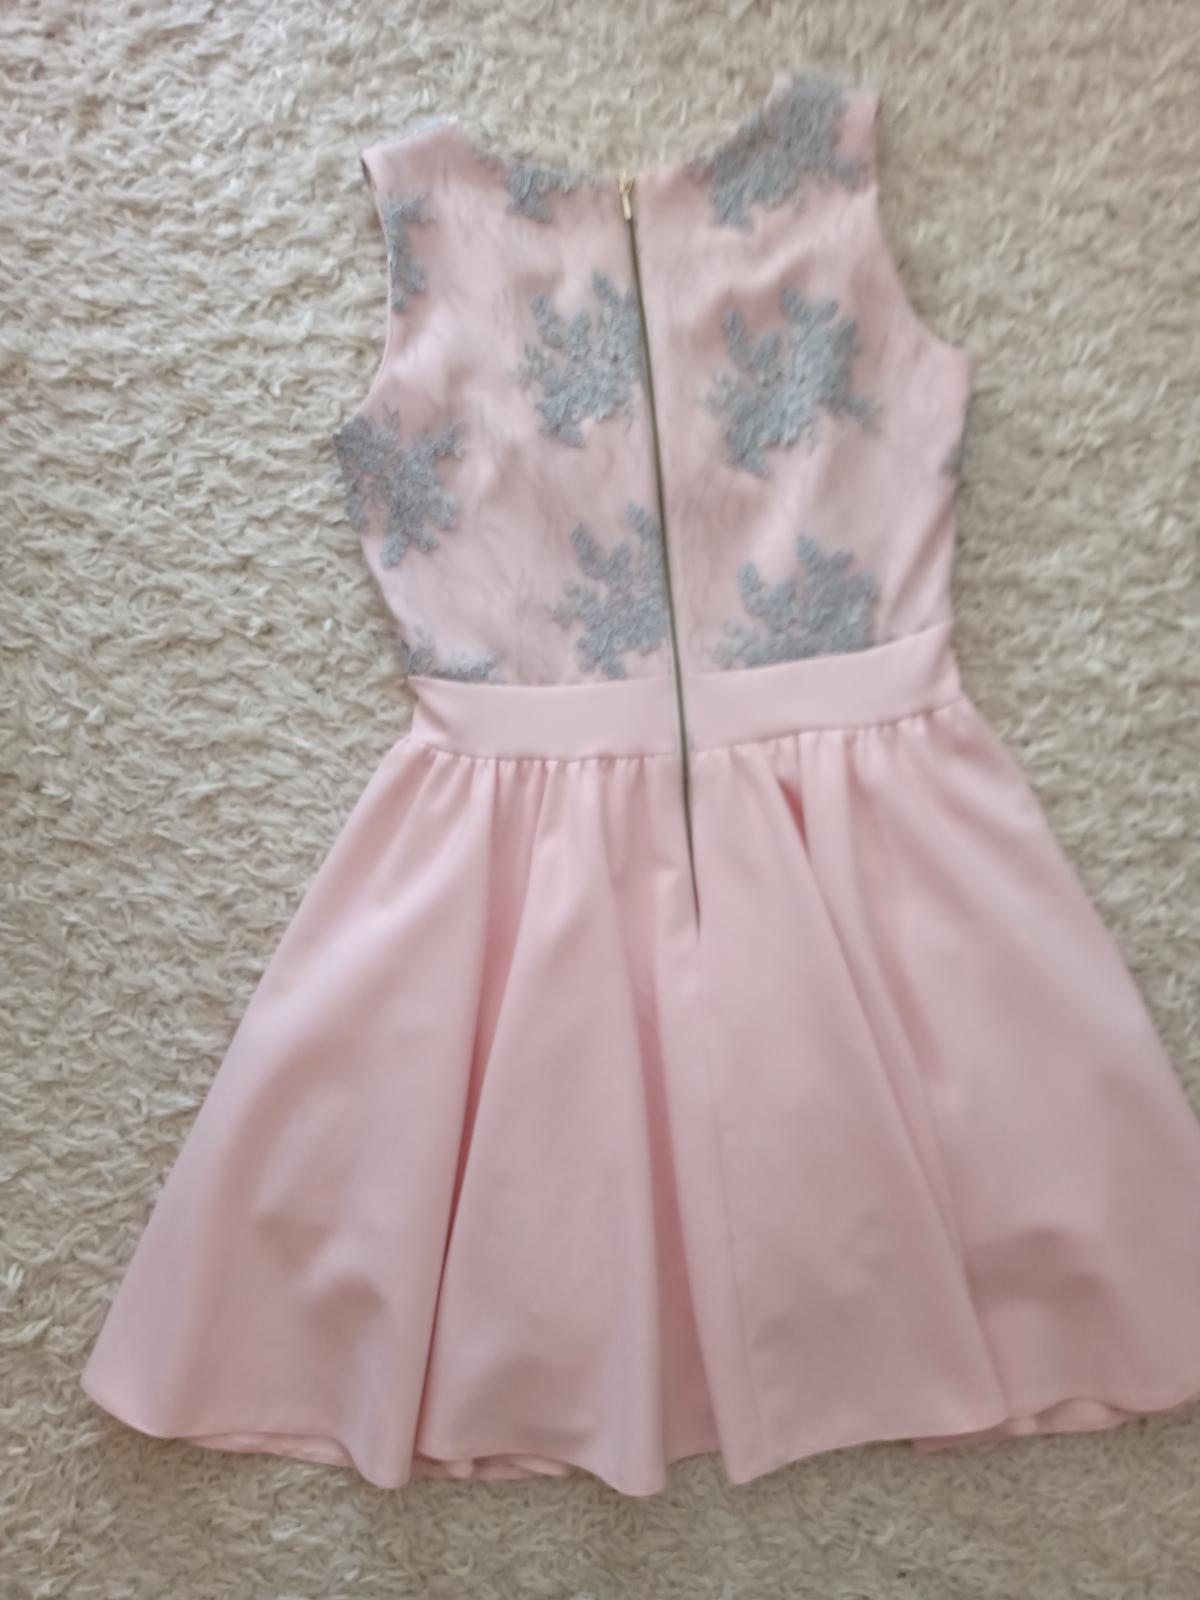 Popolnocne šaty, 38 - Obrázok č. 3